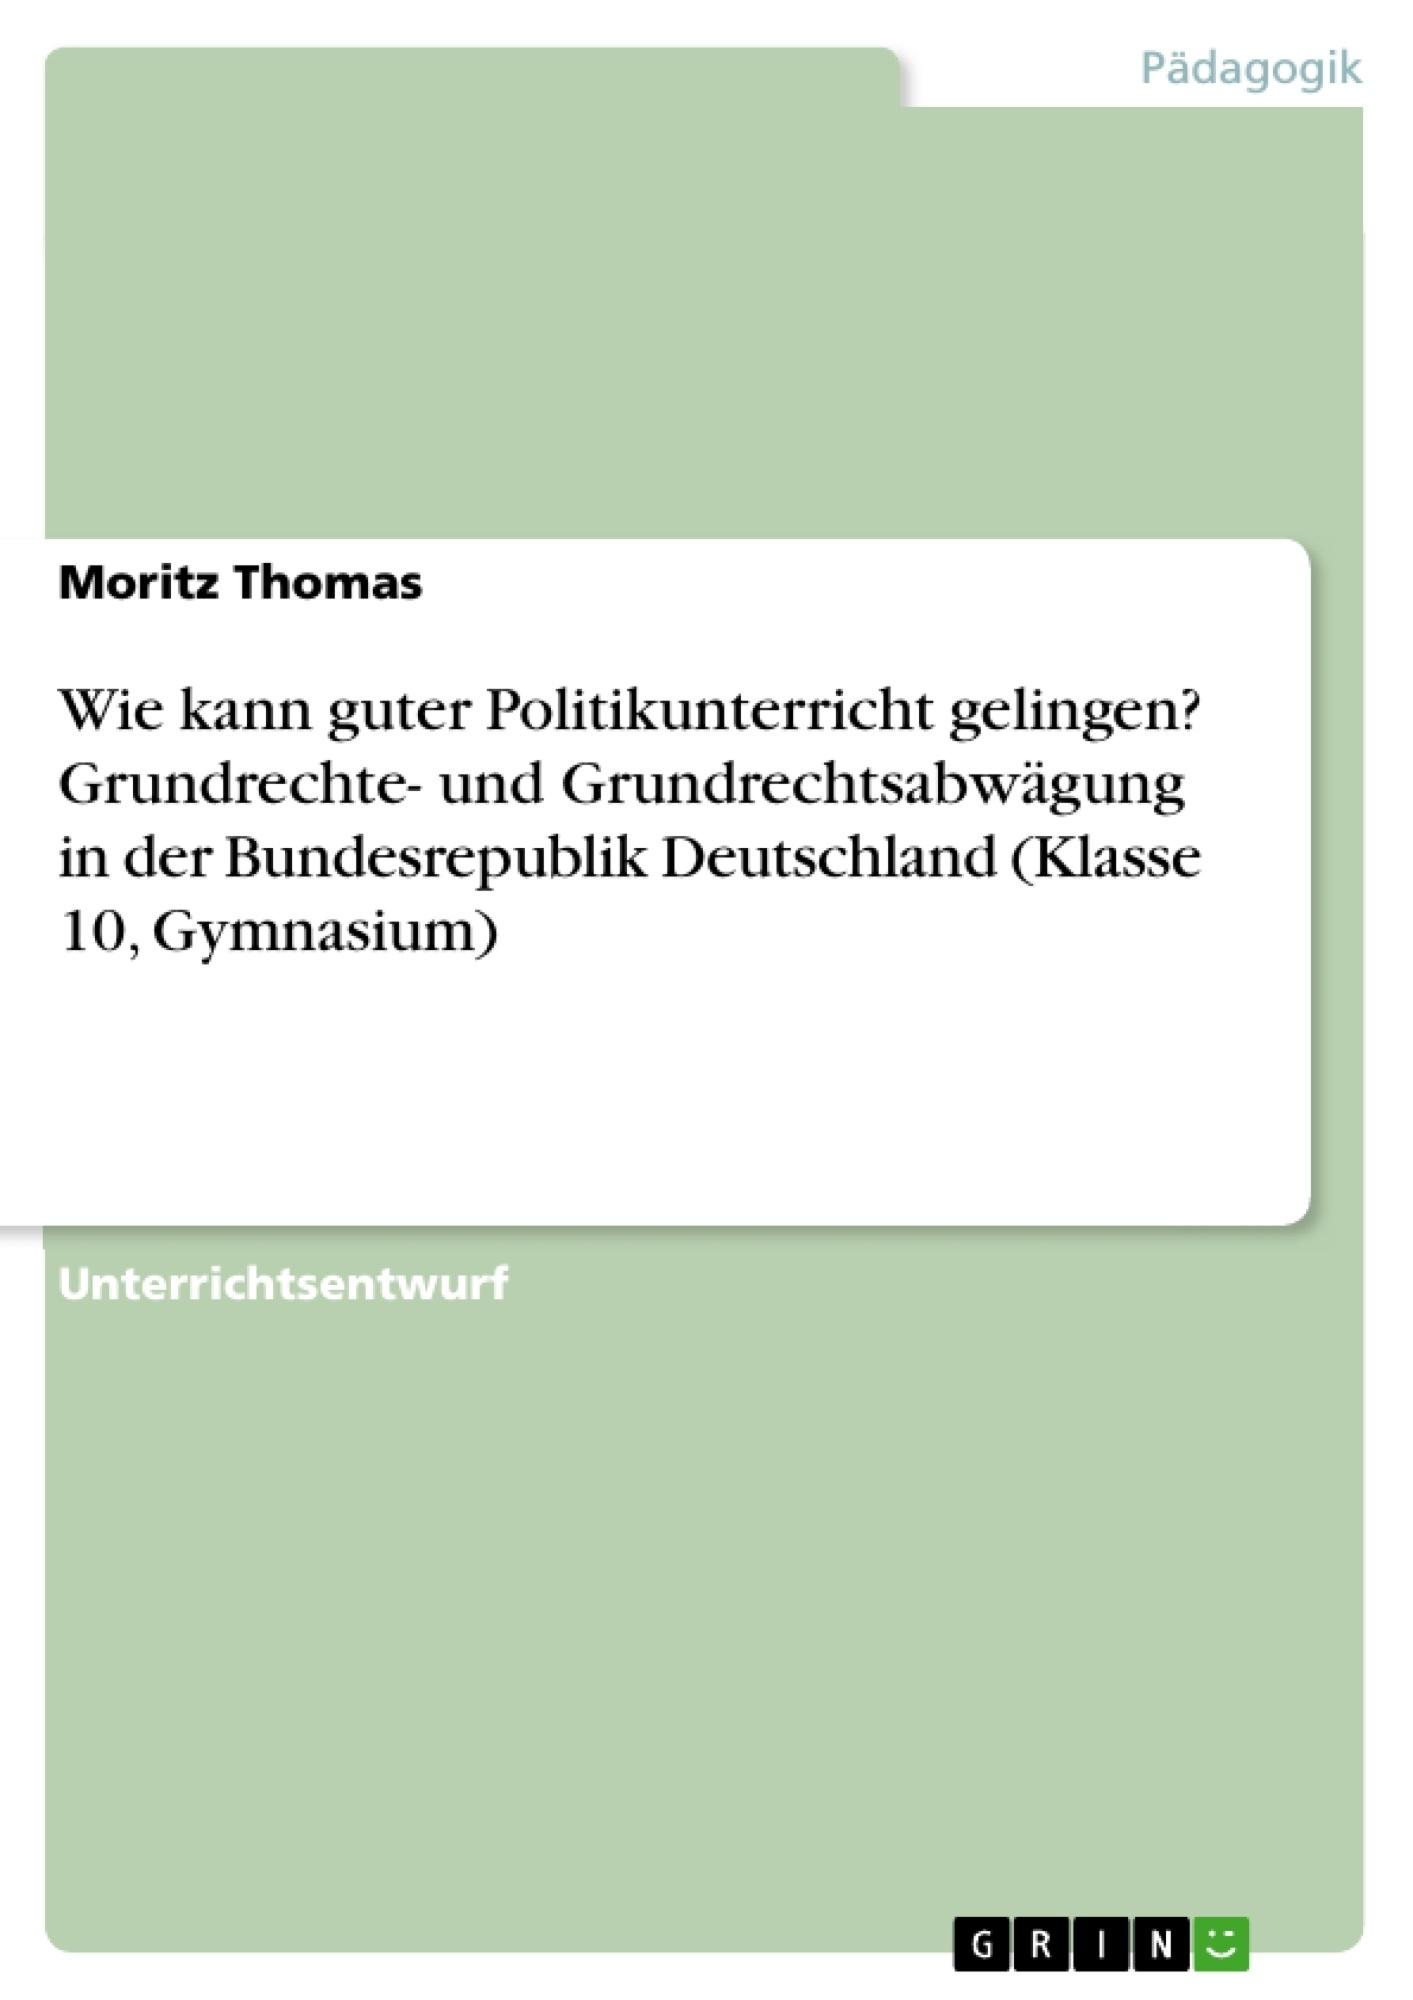 Titel: Wie kann guter Politikunterricht gelingen? Grundrechte- und Grundrechtsabwägung in der Bundesrepublik Deutschland (Klasse 10, Gymnasium)